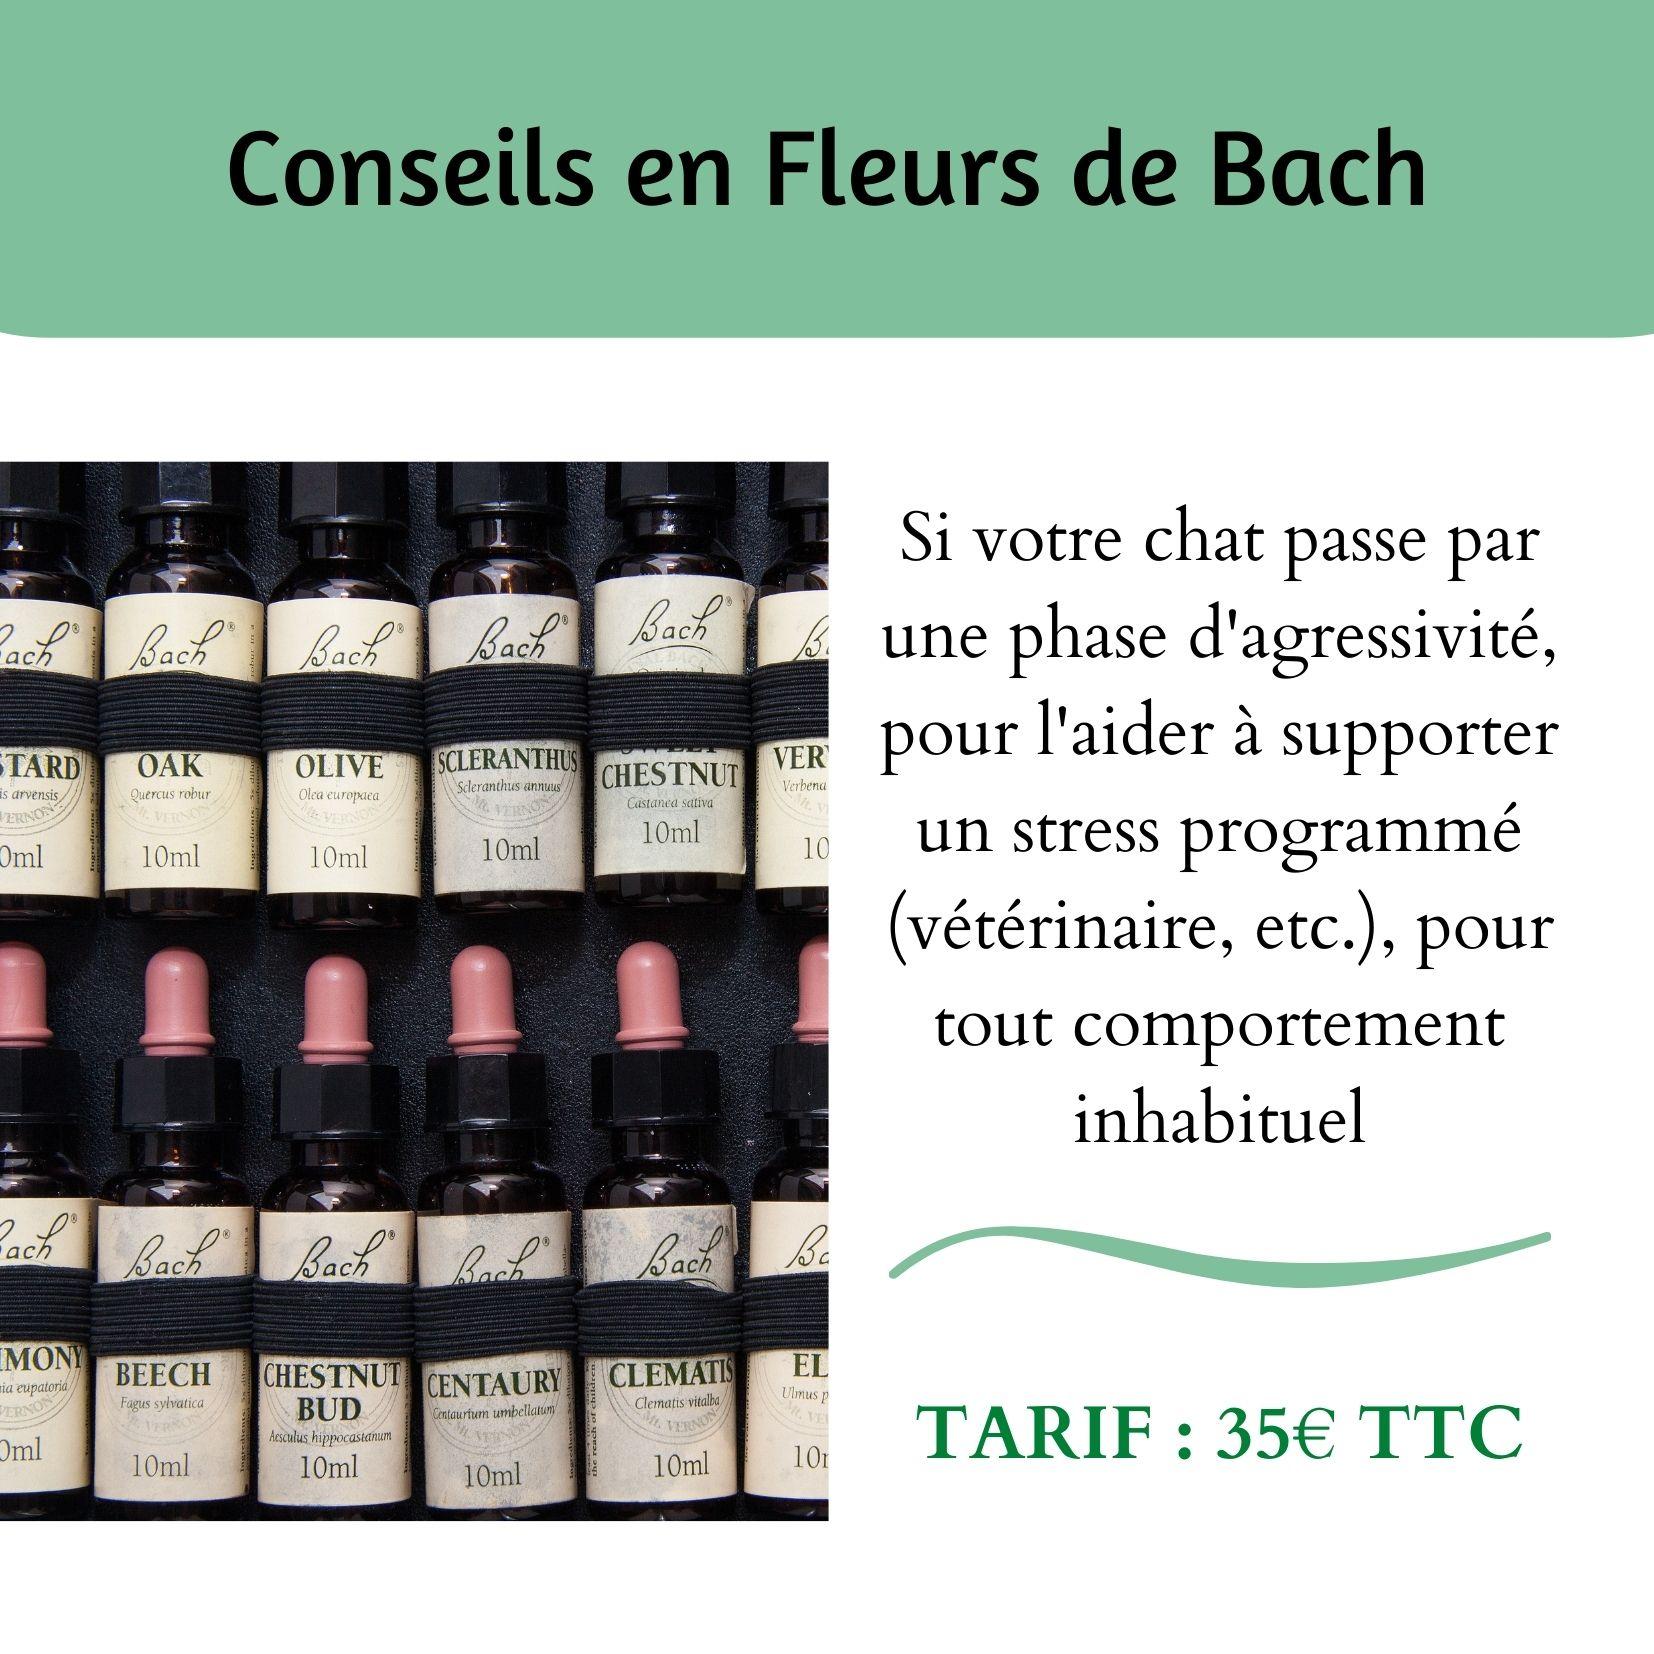 Conseils Fleurs de Bach - Chats